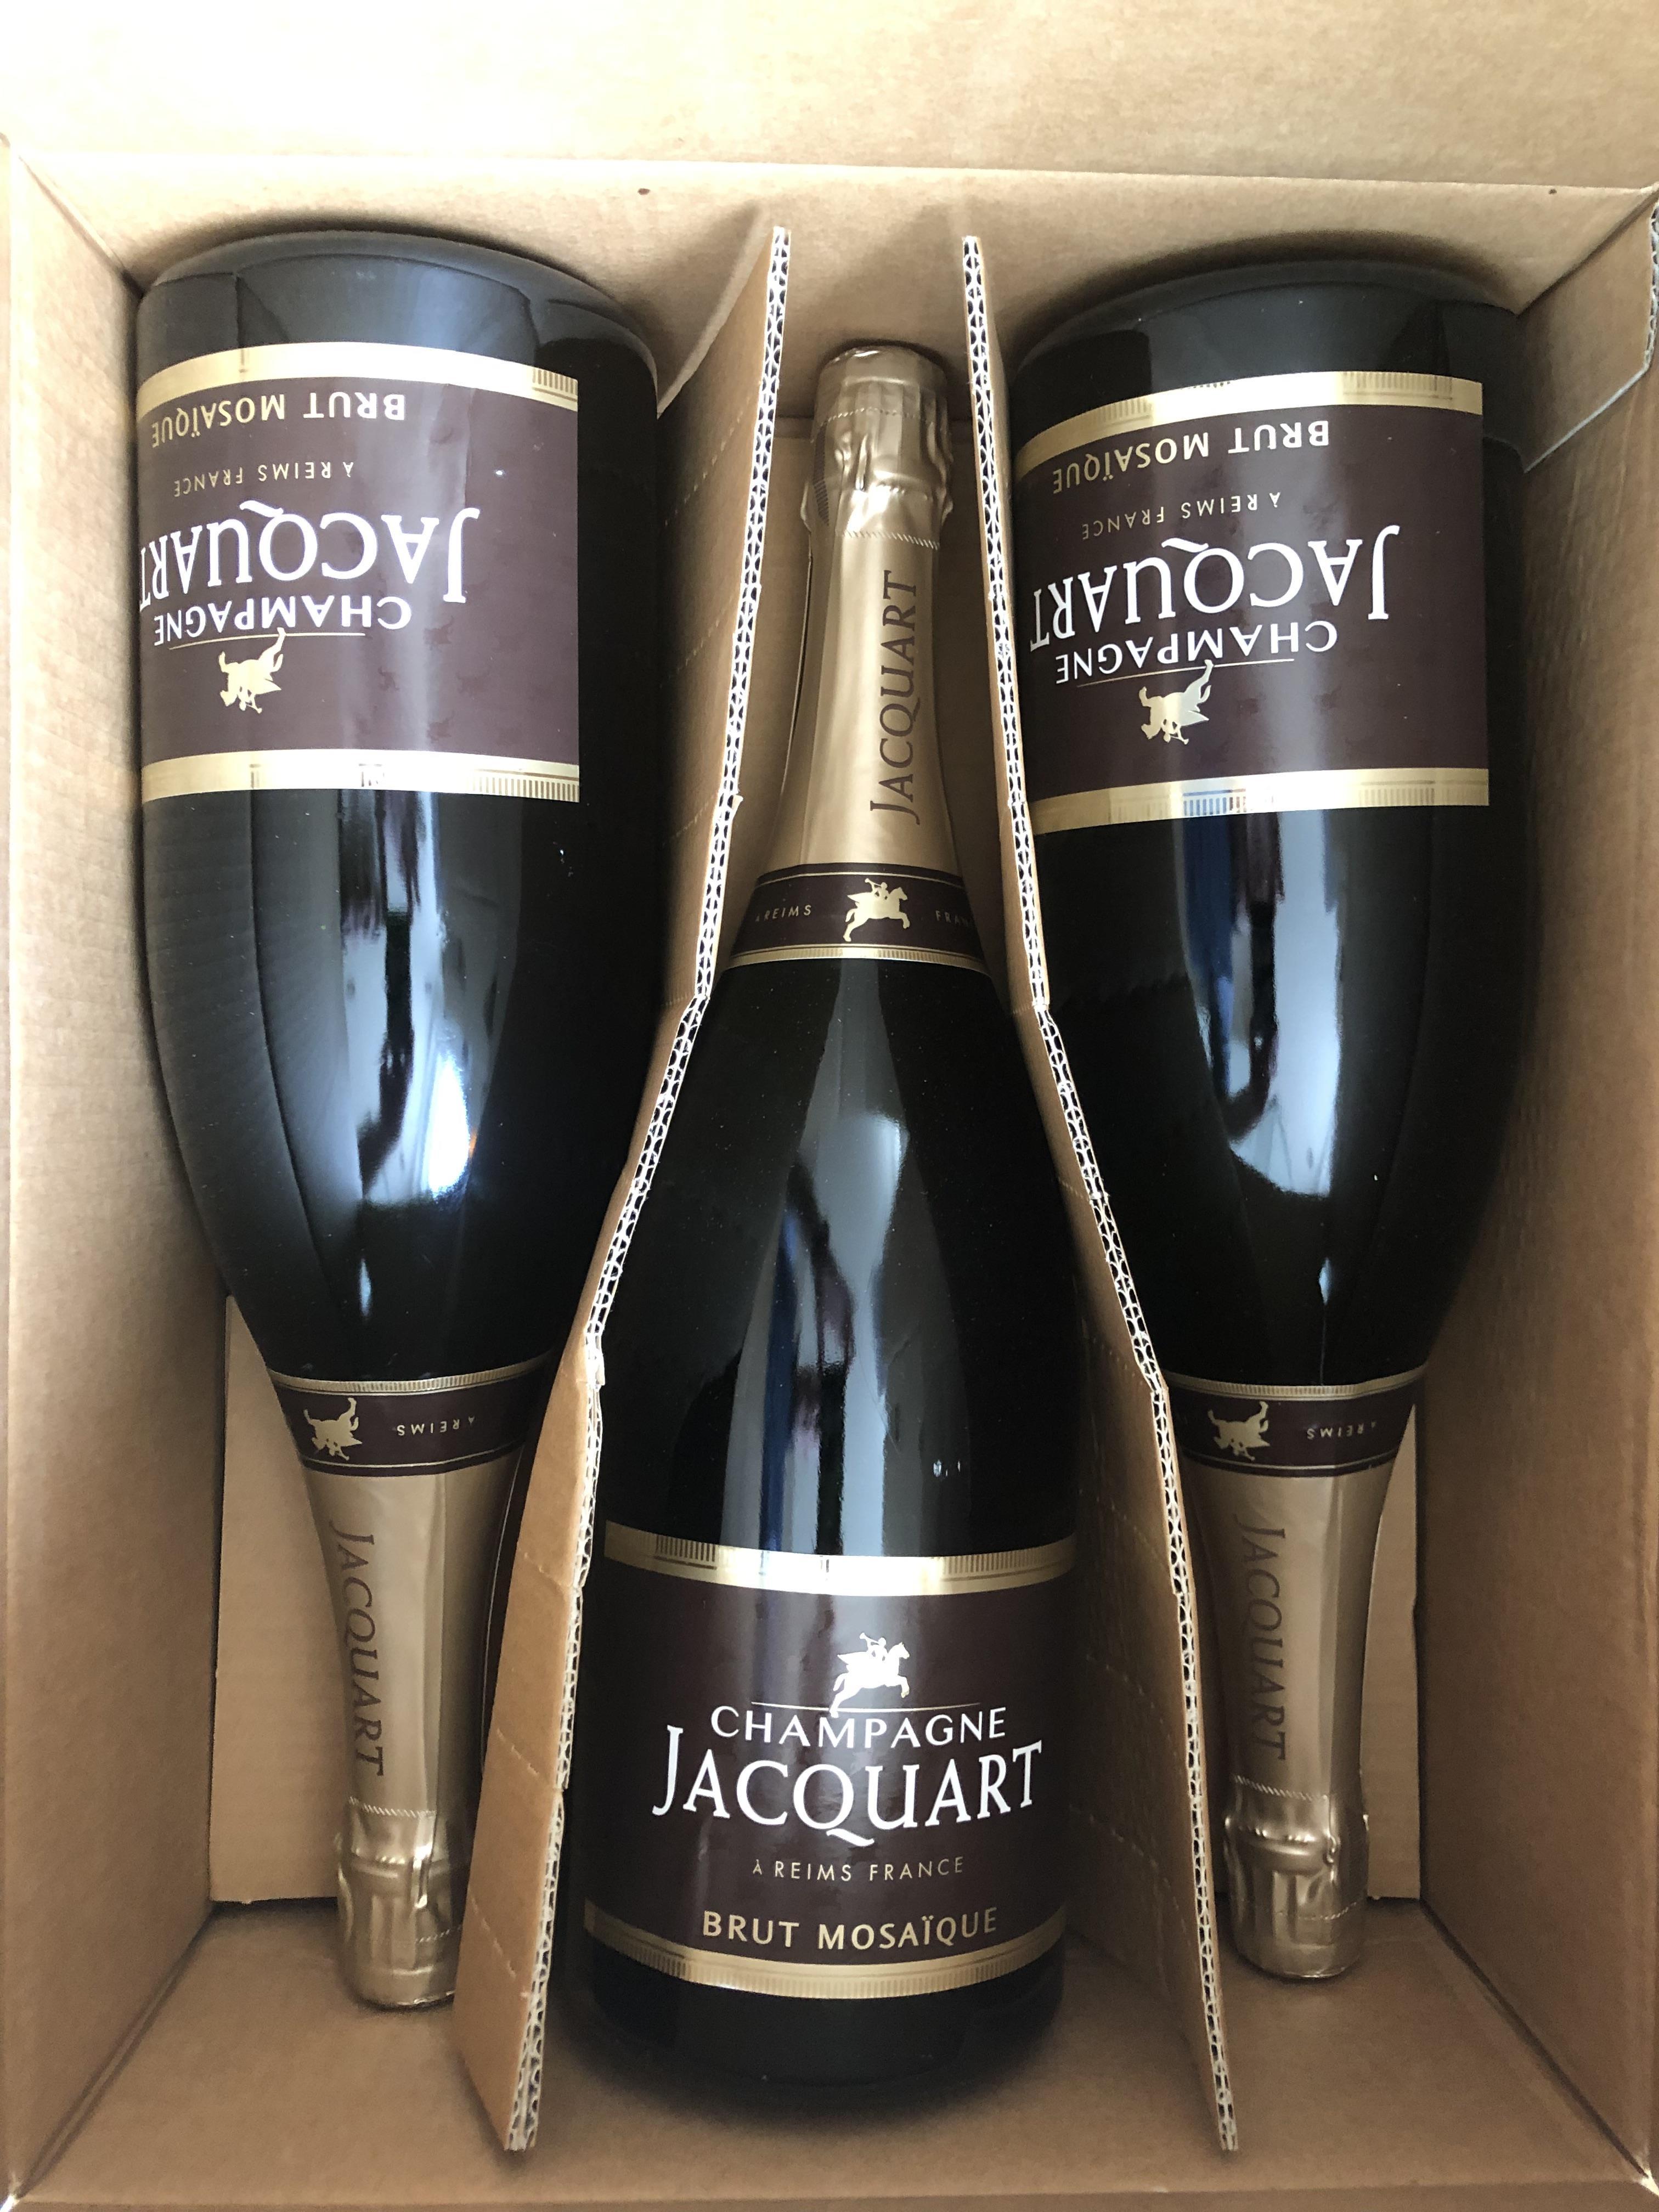 Lot 26 - NV Brut Mosaique, Jacquart, Champagne, France, 3 magnums